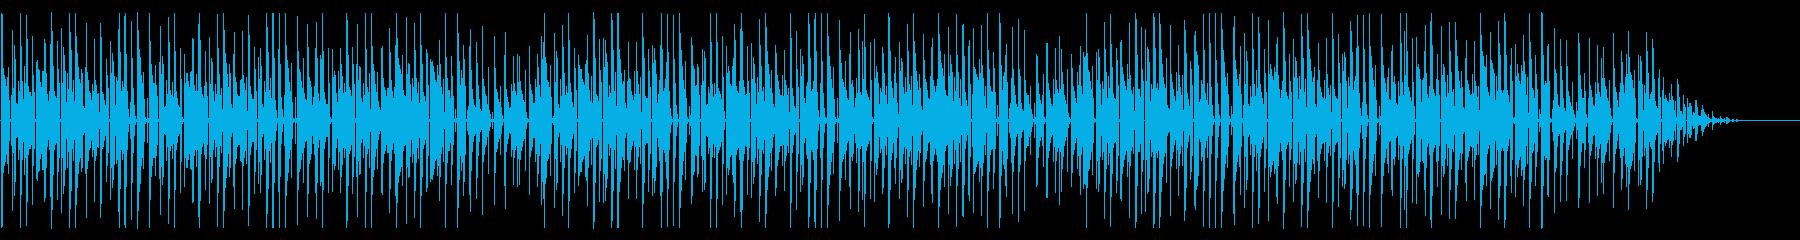 童謡「虫の声」脱力系アレンジの再生済みの波形